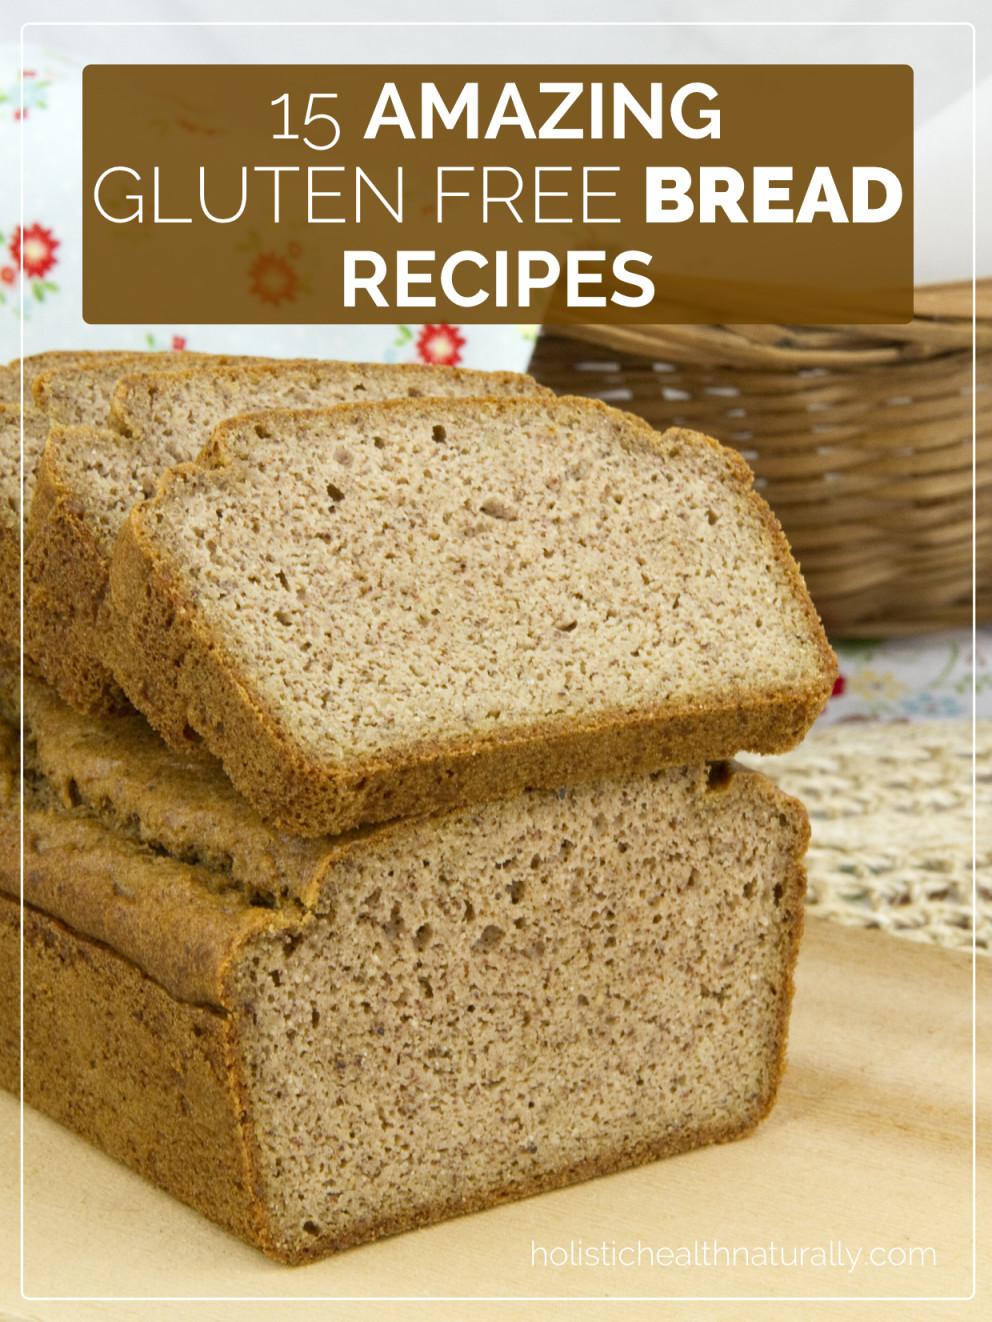 Recipes For Gluten Free Bread  15 Amazing Gluten Free Bread Recipes